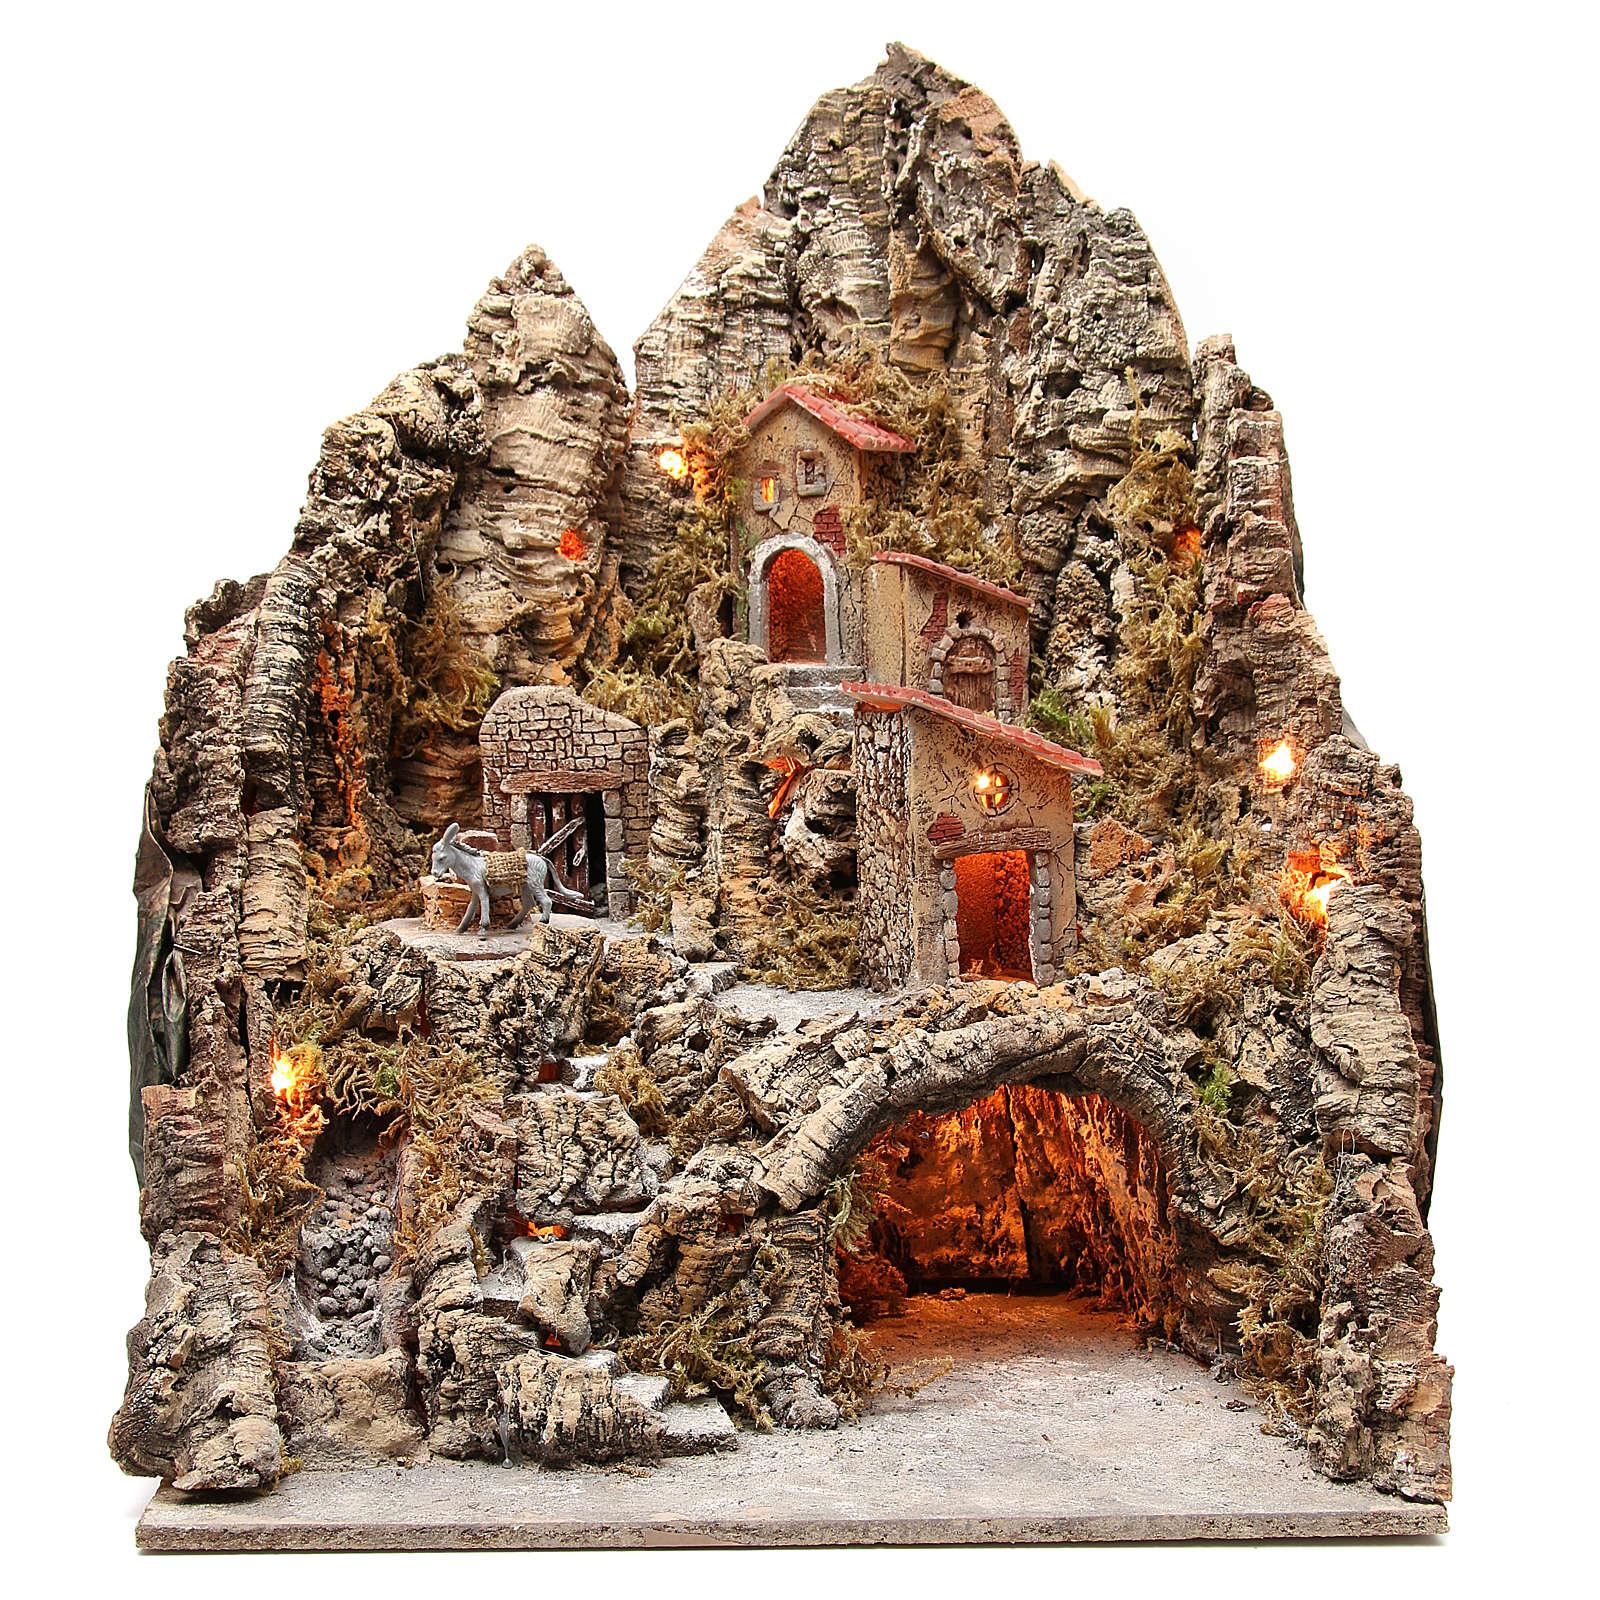 Borgo illuminato con grotta e ruscello presepe 68x64x56 cm 4